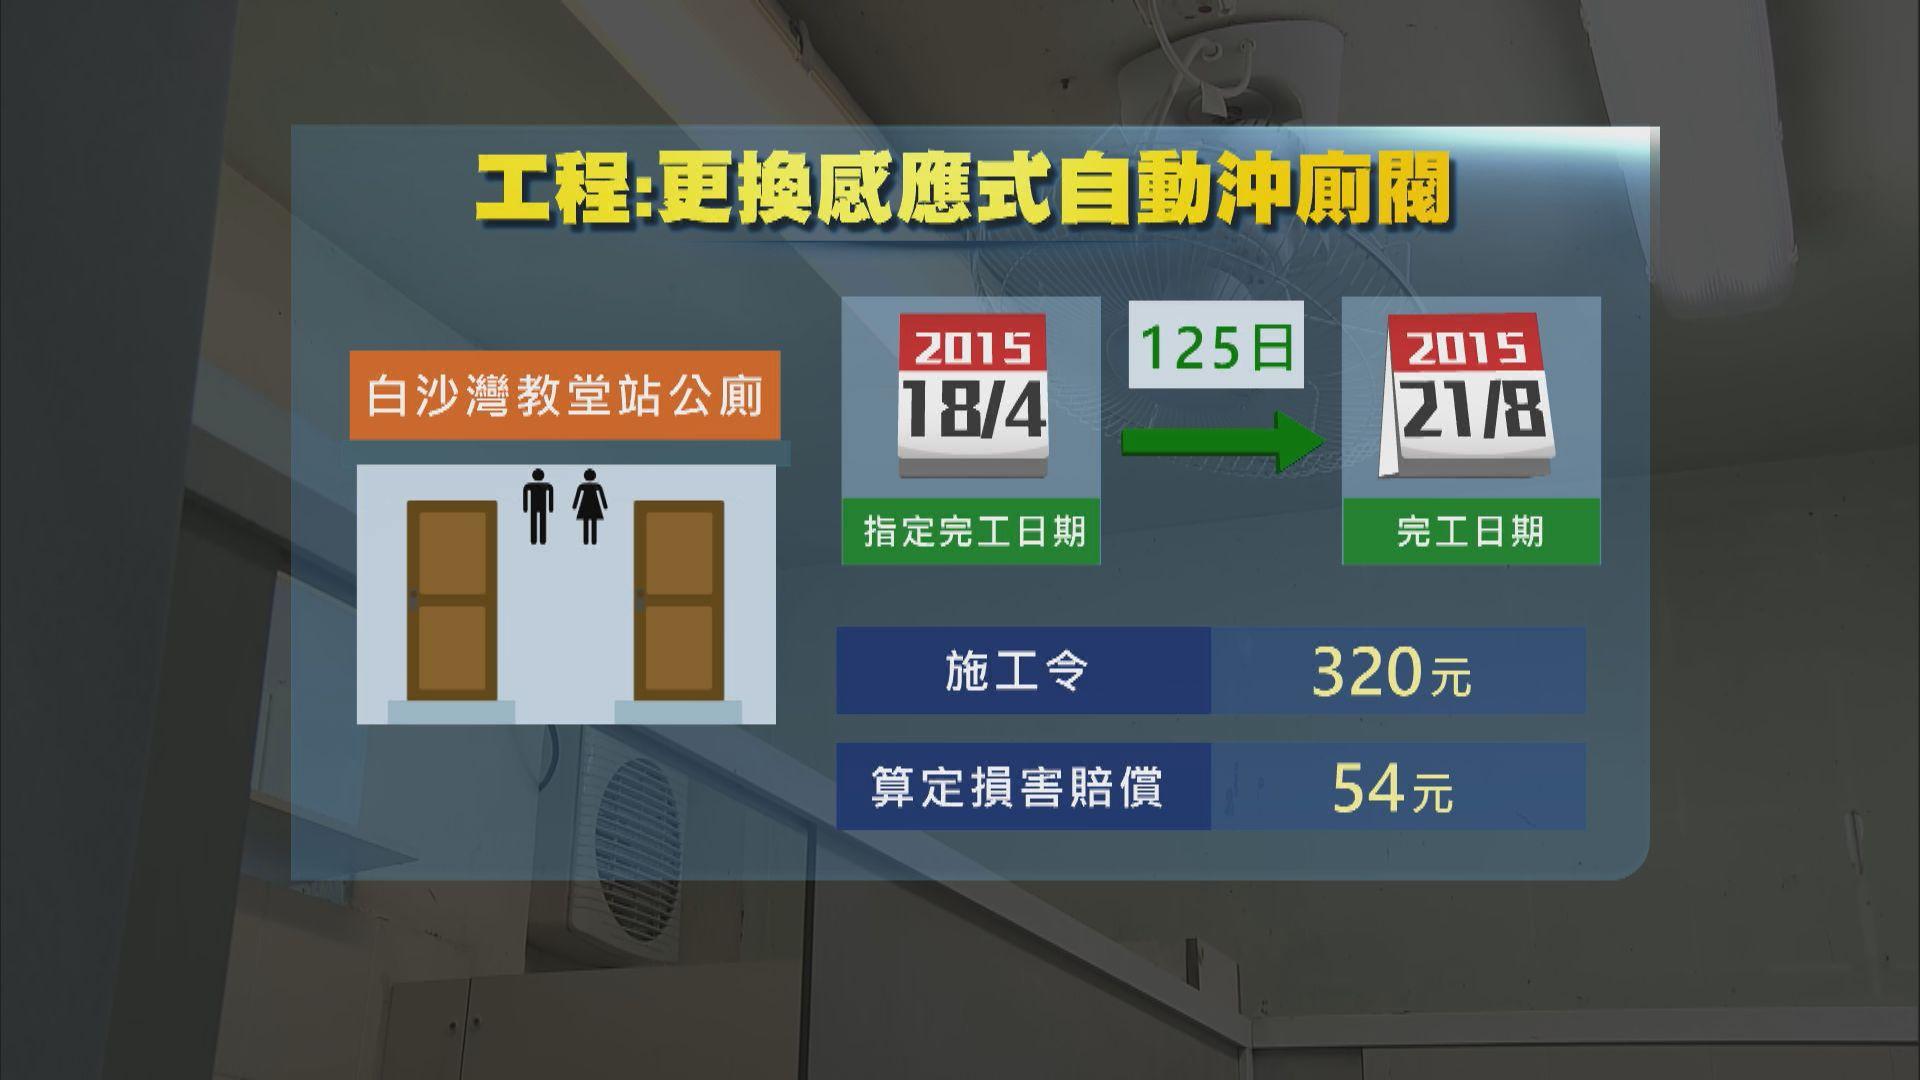 申訴專員公署:公廁延誤工程賠償金額偏低欠阻嚇力